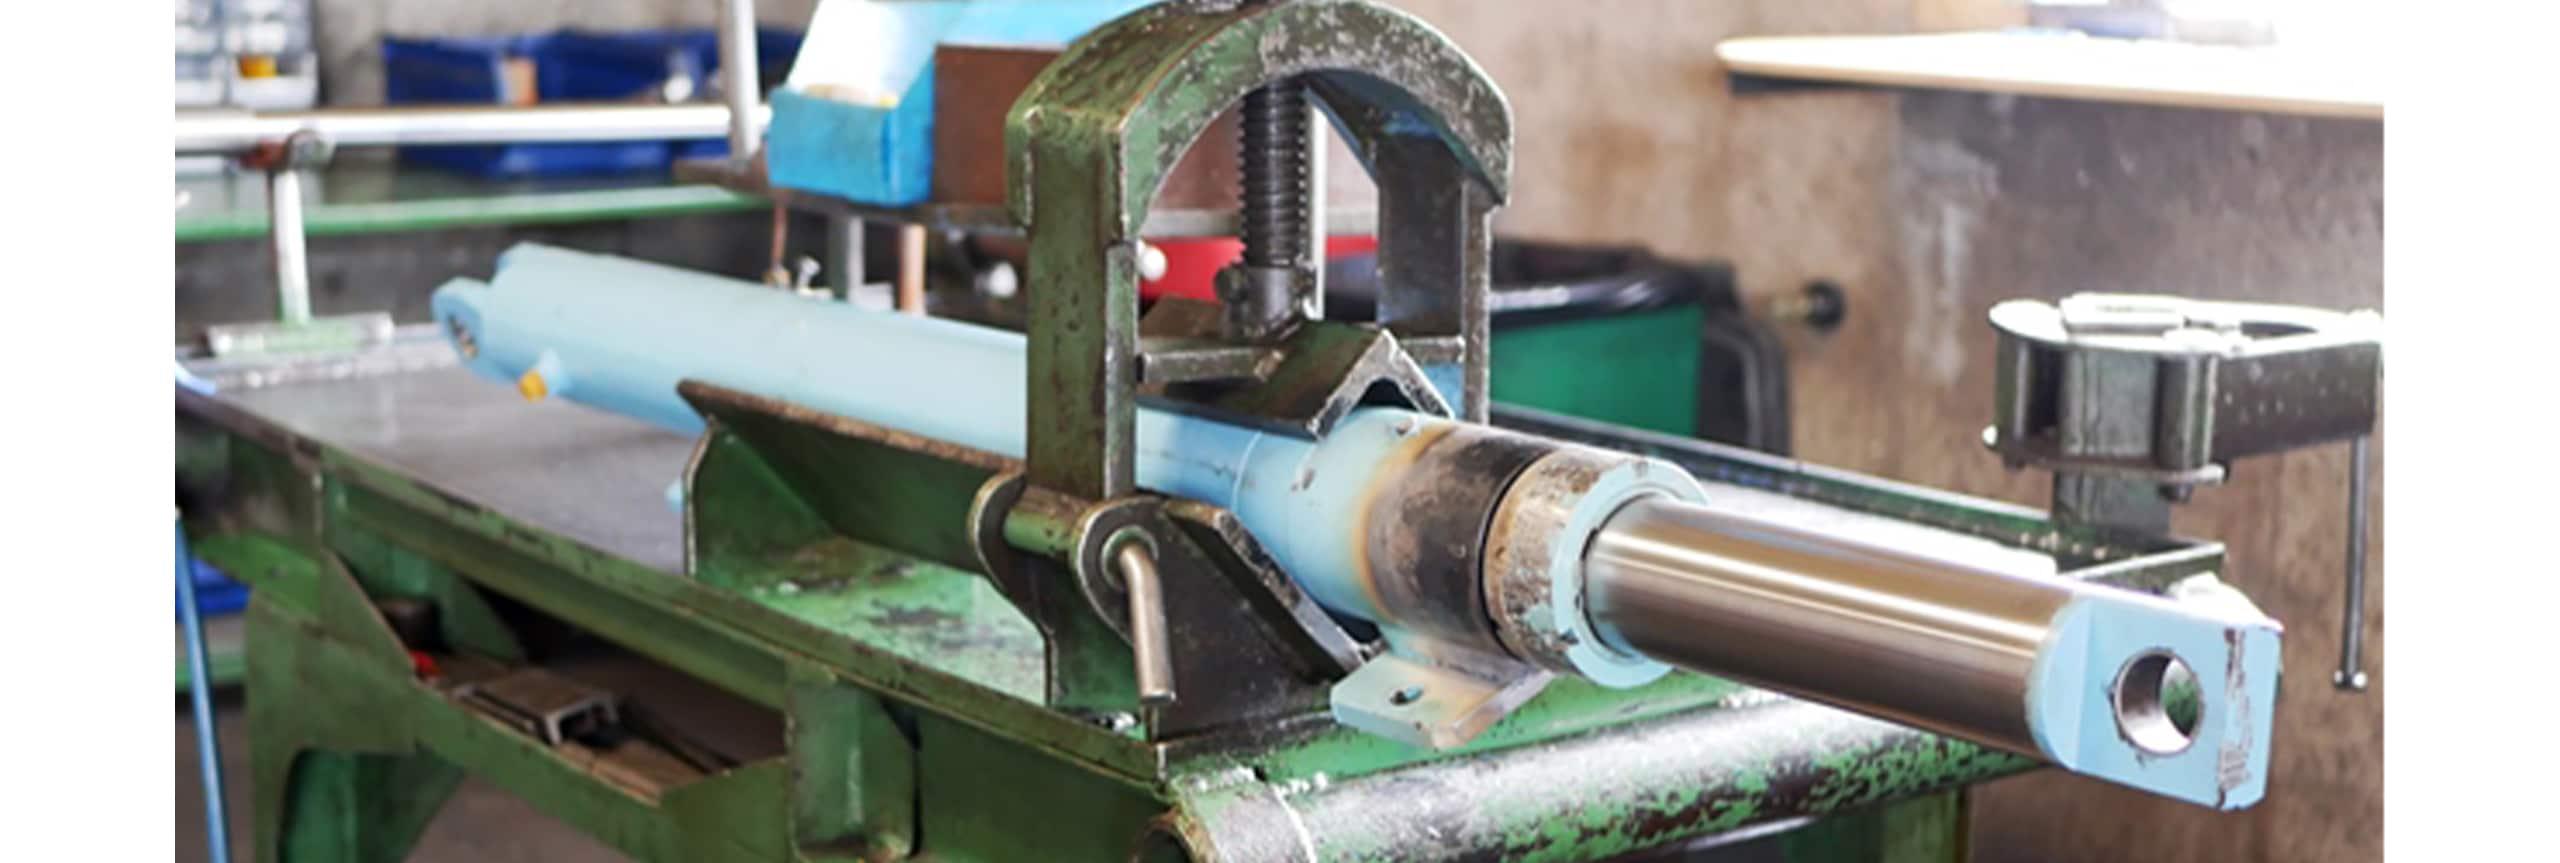 Fabrication et réparation de vérins hydrauliques